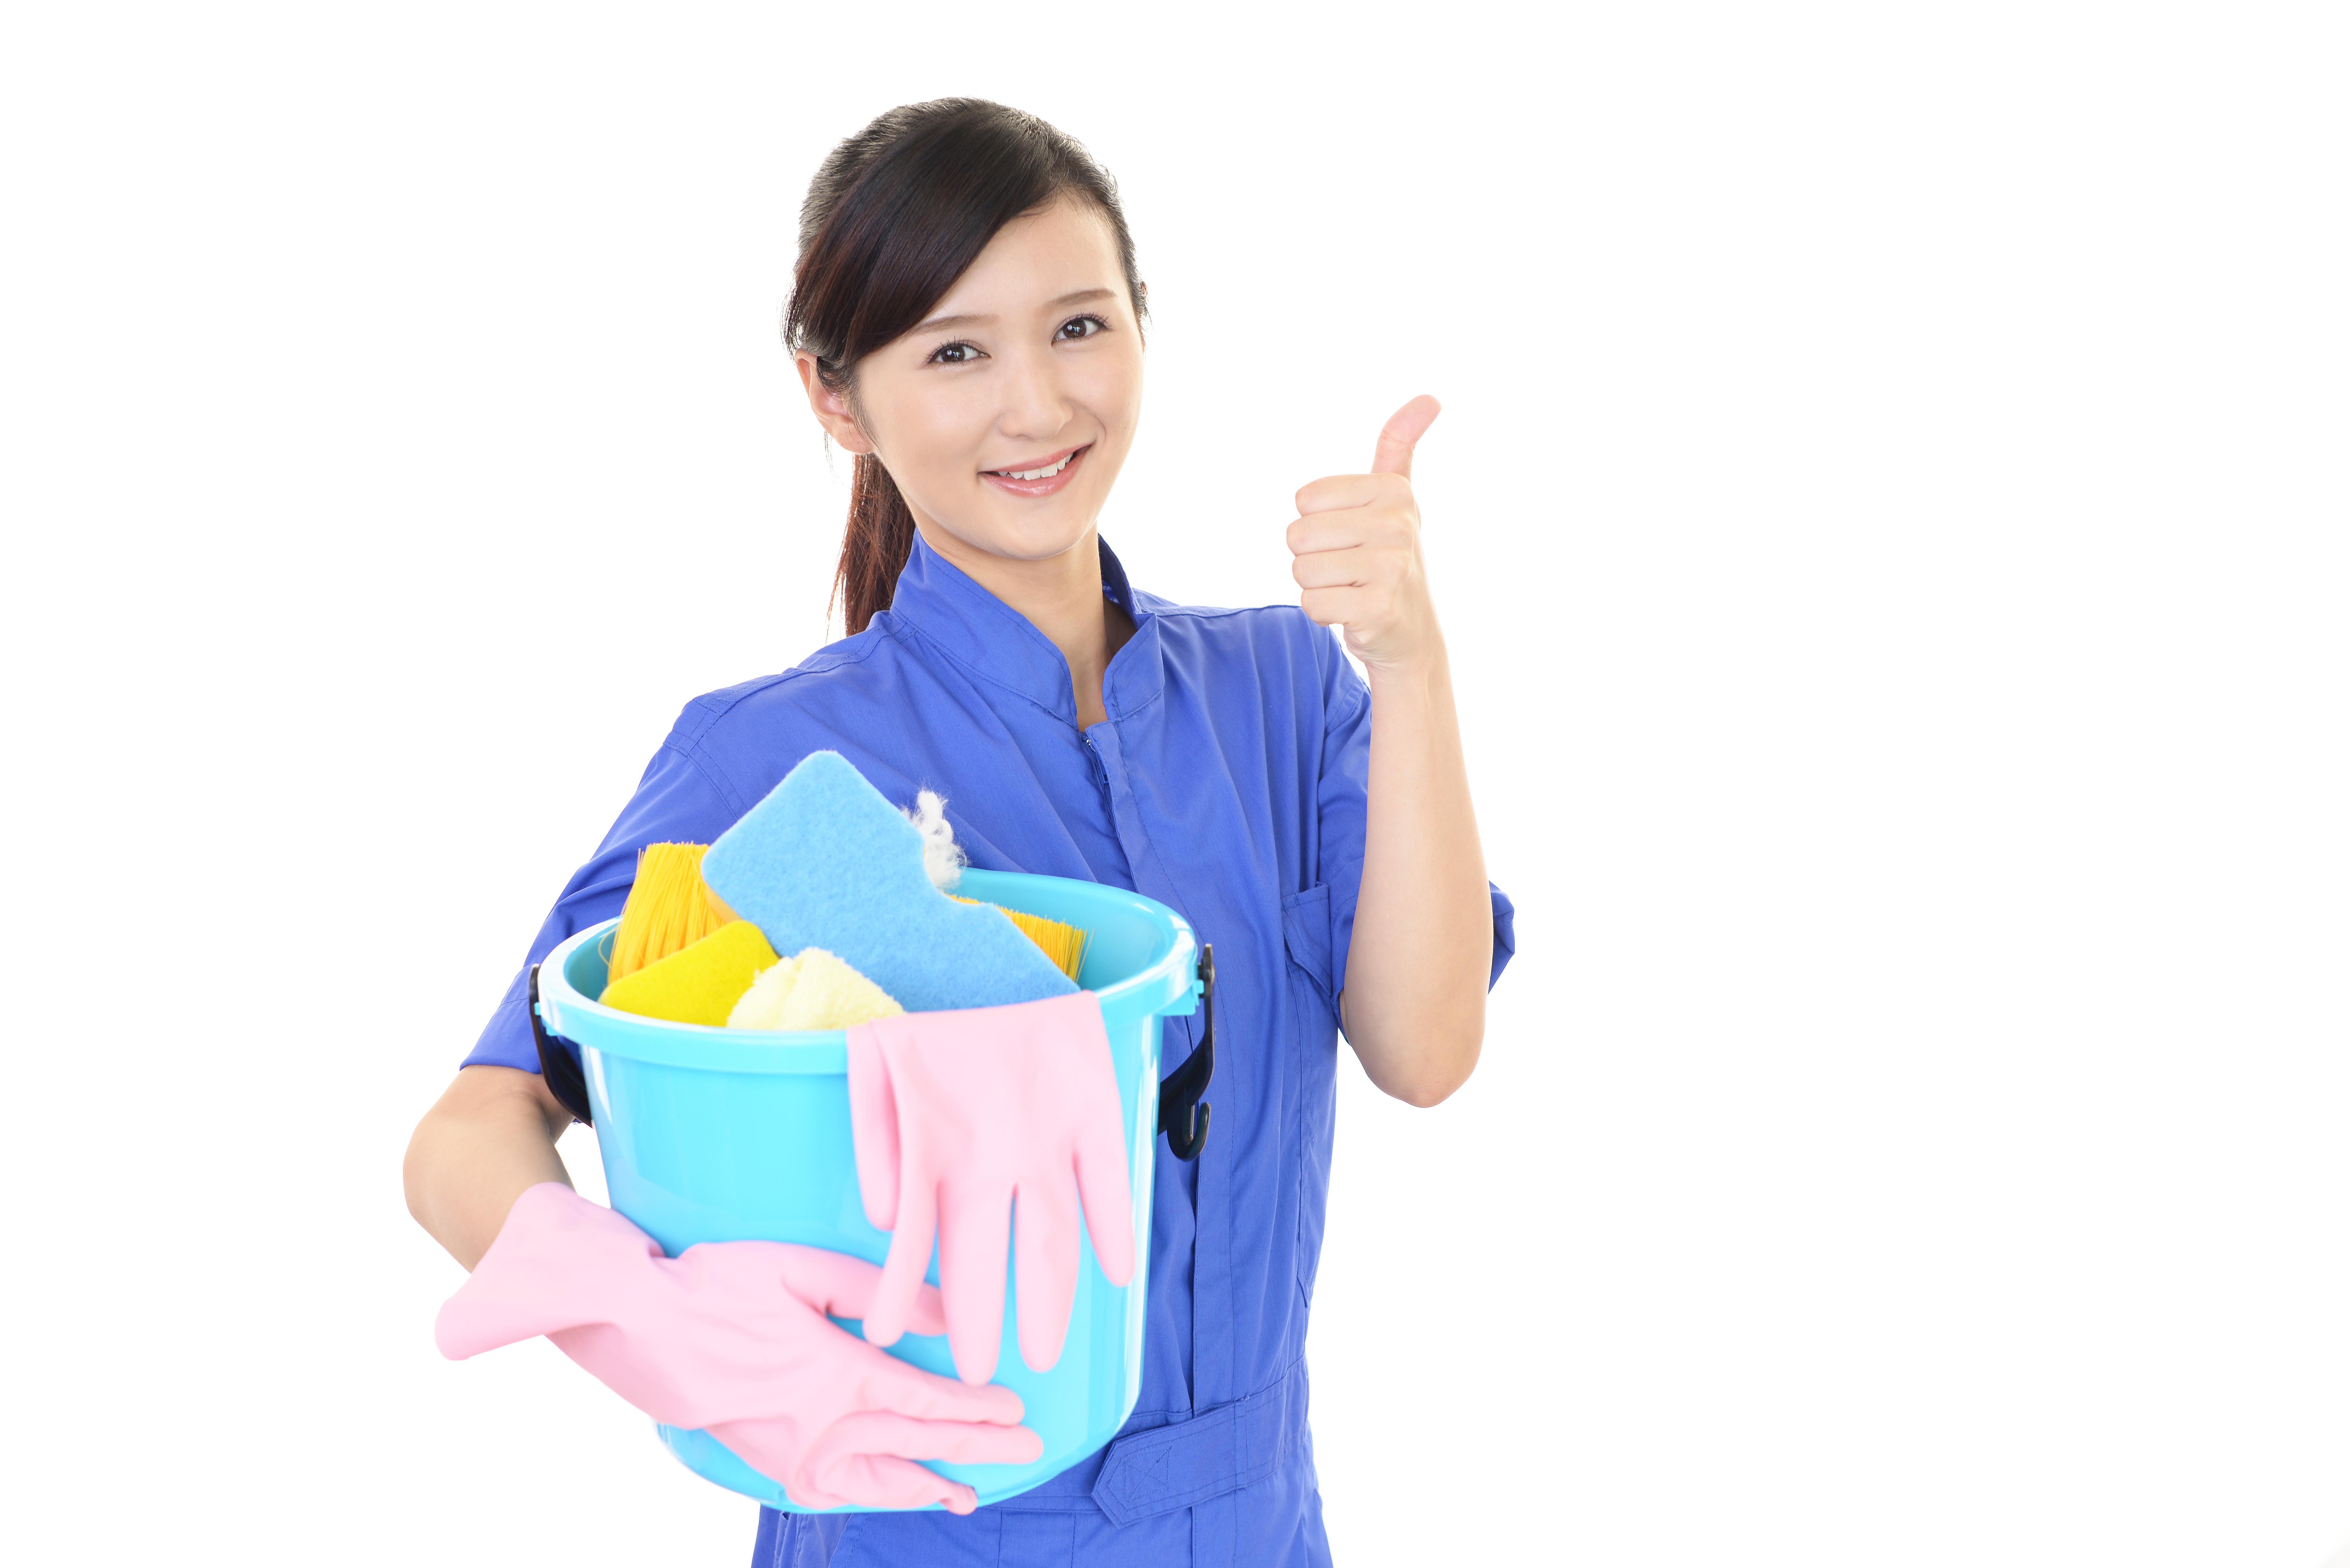 清掃スタッフ 大阪市北区エリア 共同産業株式会社 のアルバイト情報